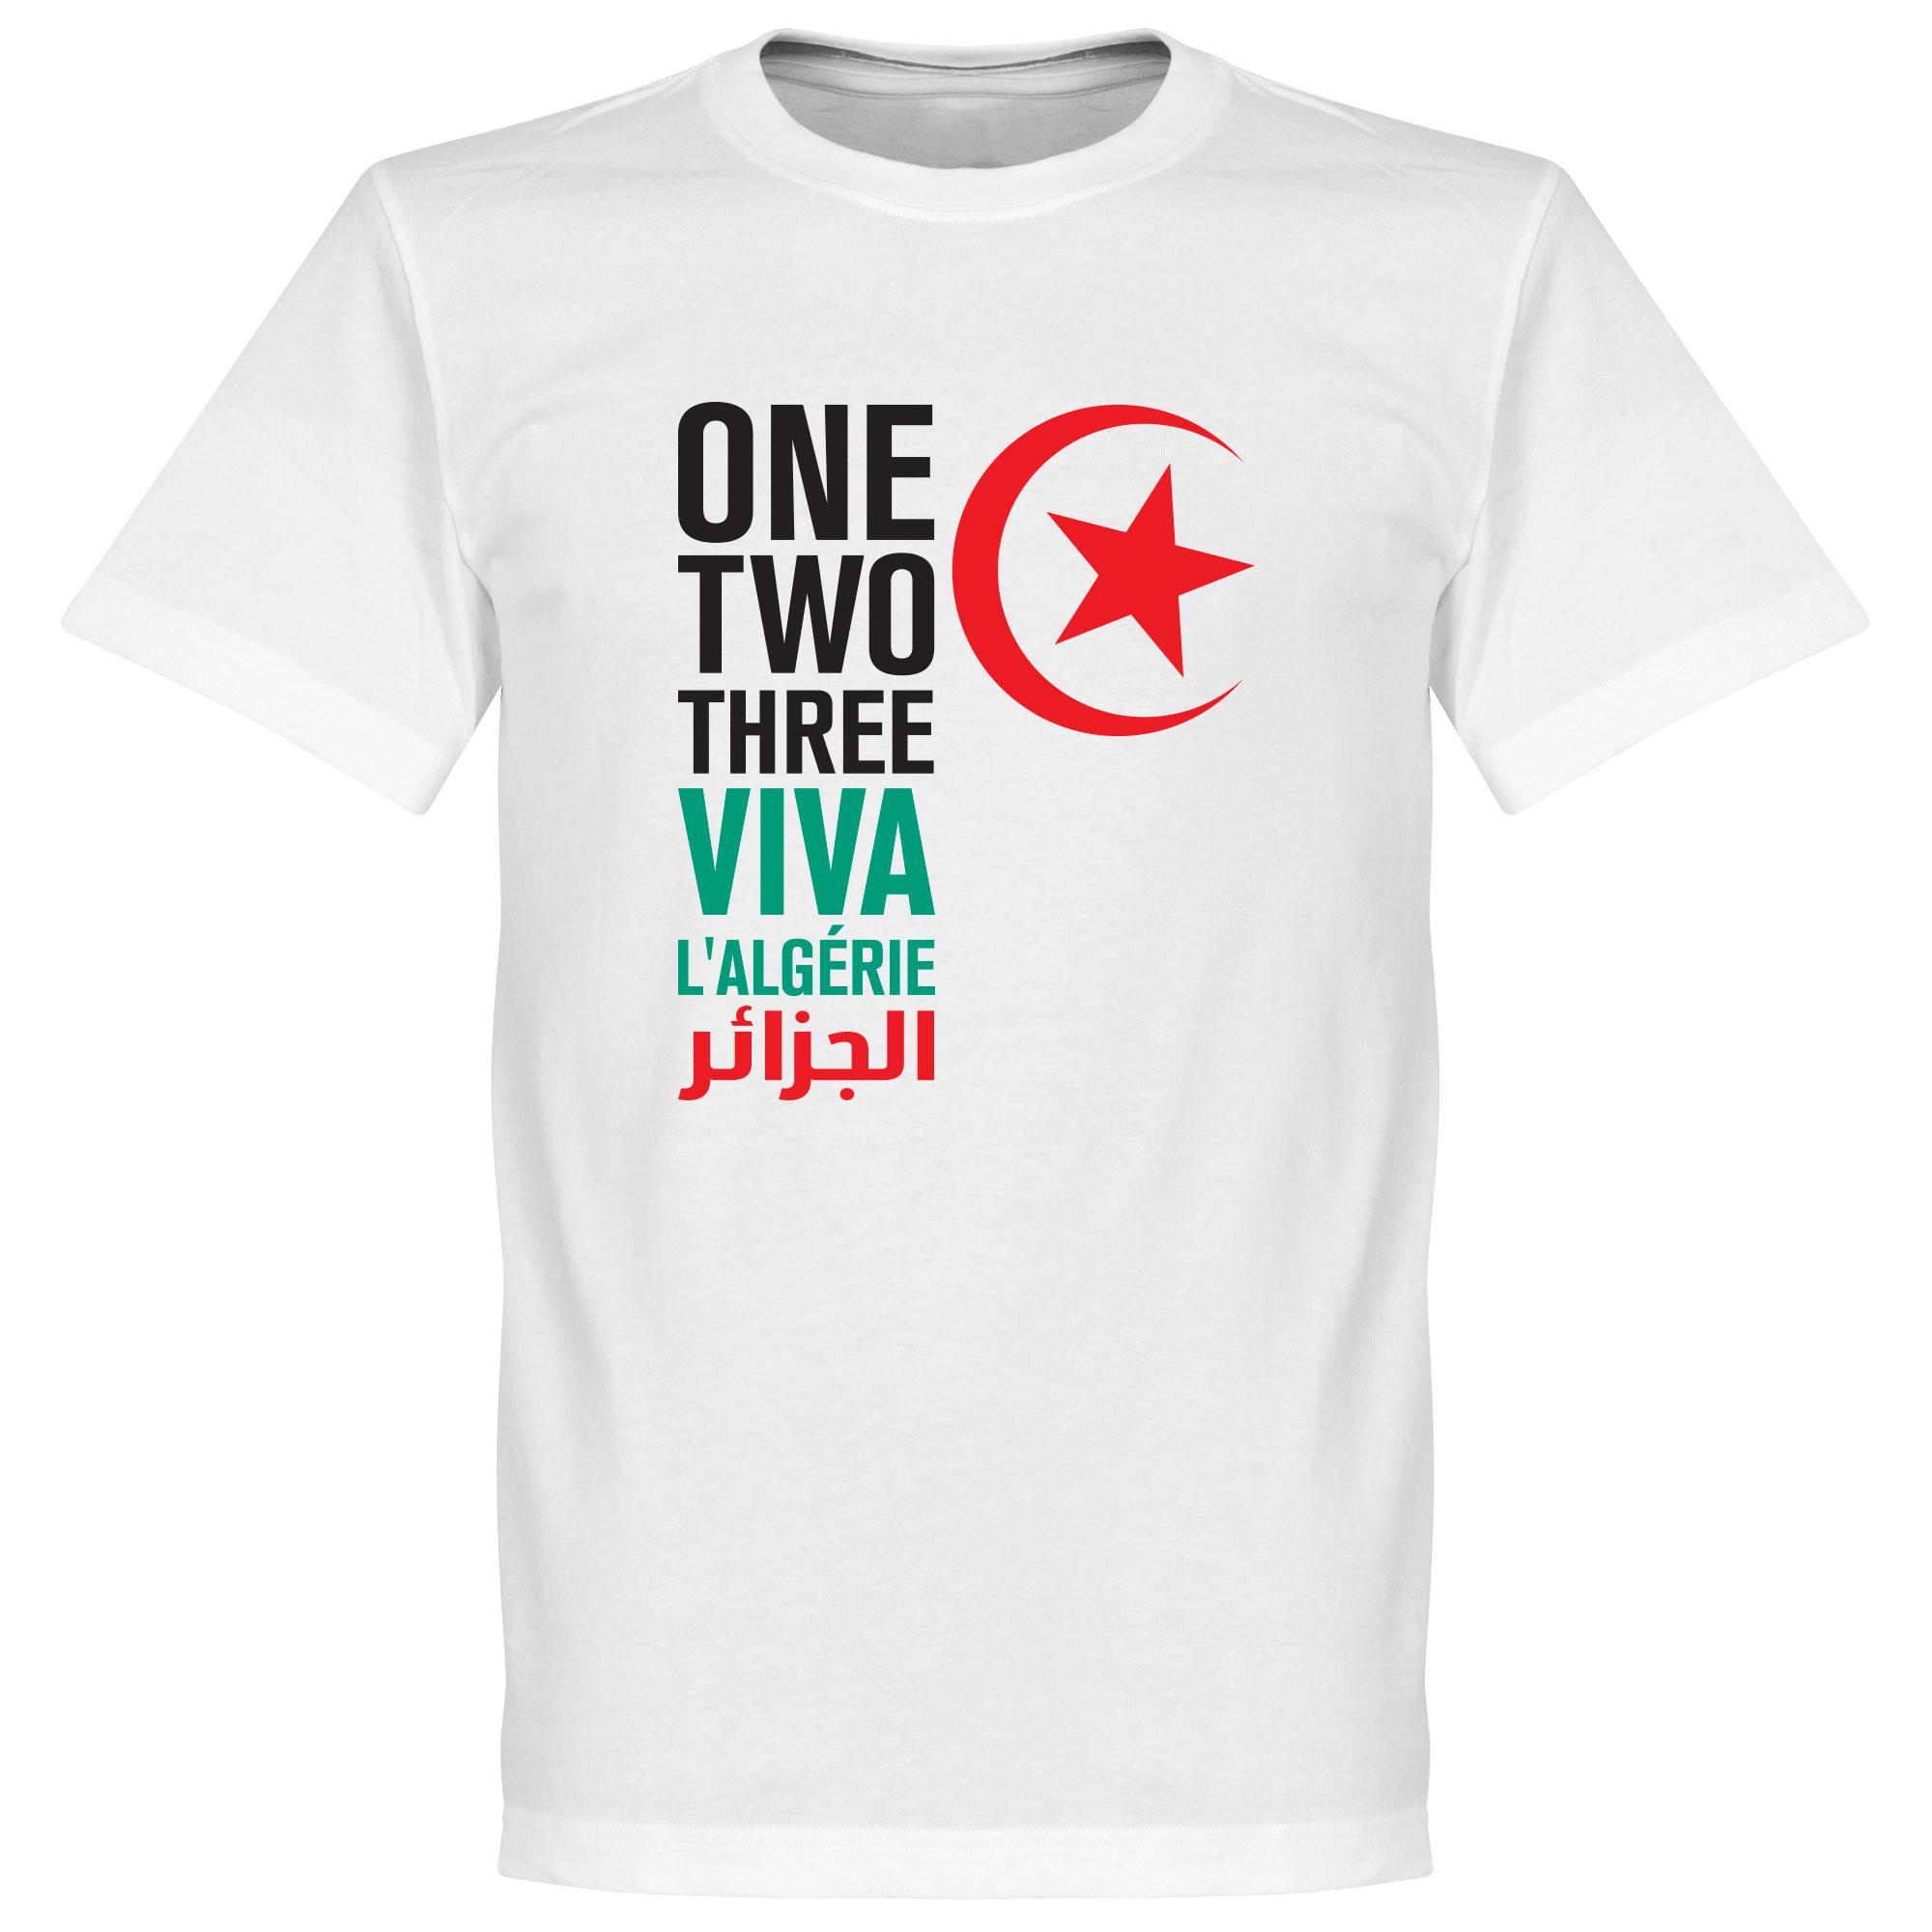 Viva L'Algerie Tee - White - S